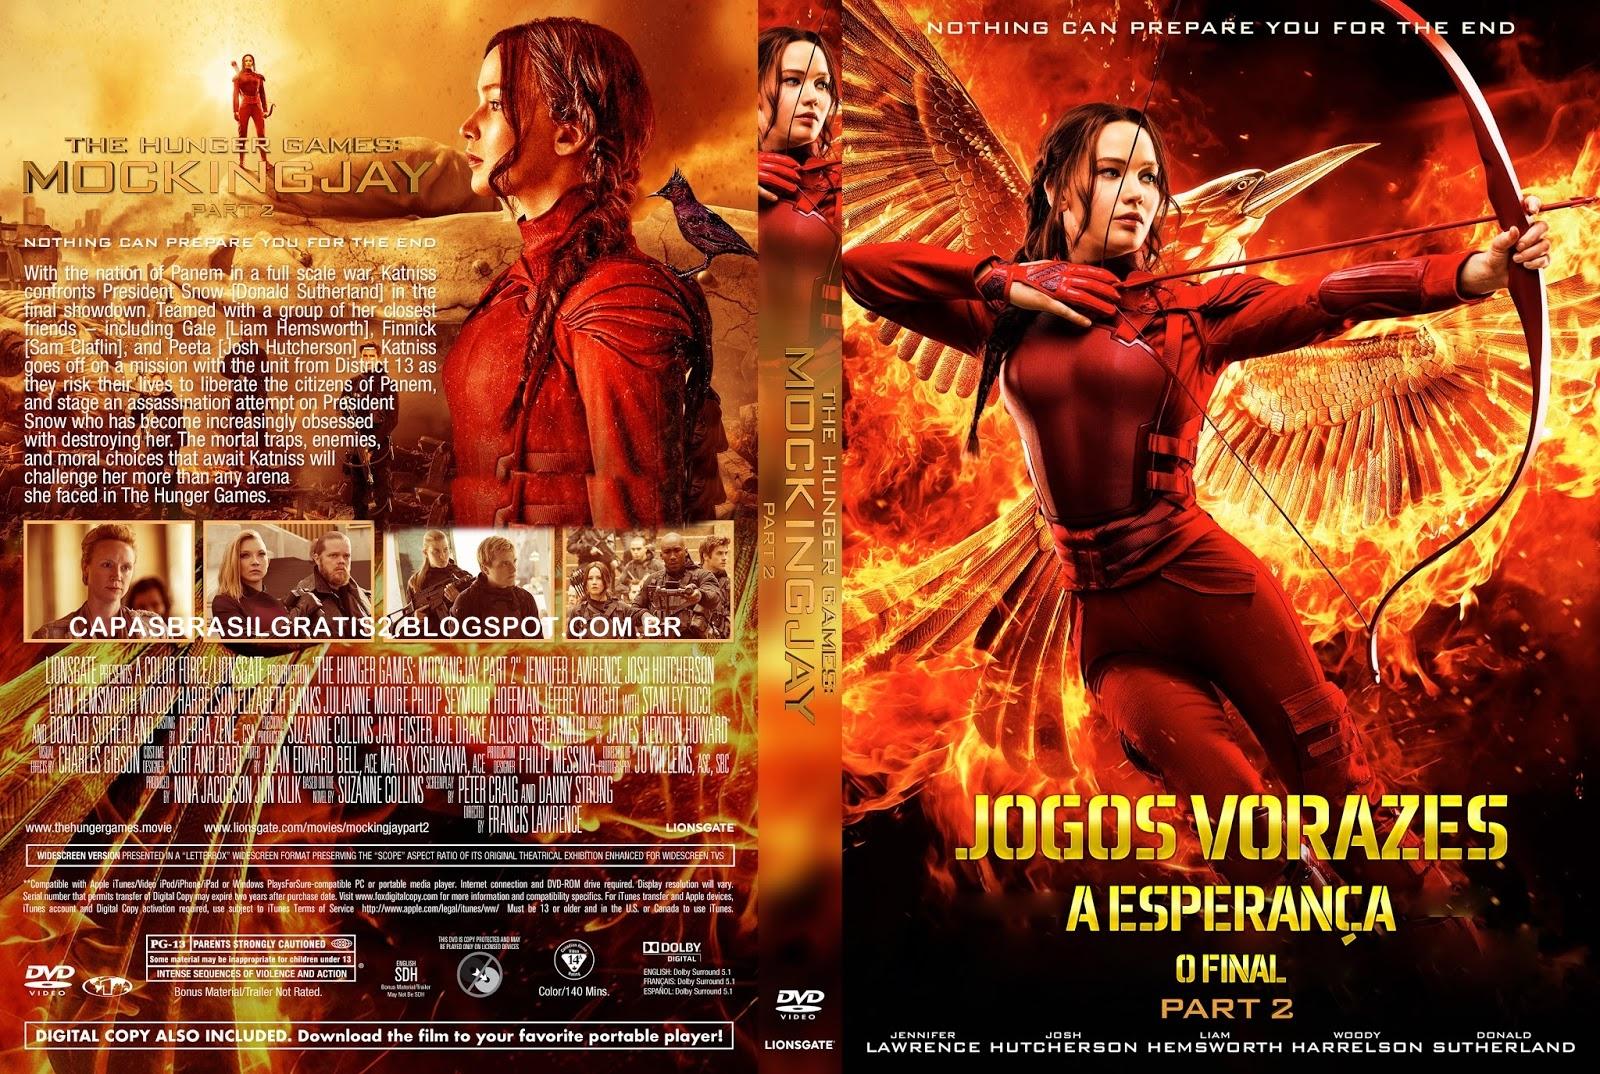 Jogos Vorazes A Esperança O Final DVD-R Jogos 2BVorazes 2BA 2BEsperan 25C3 25A7a 2BO 2BFinal 2B2015